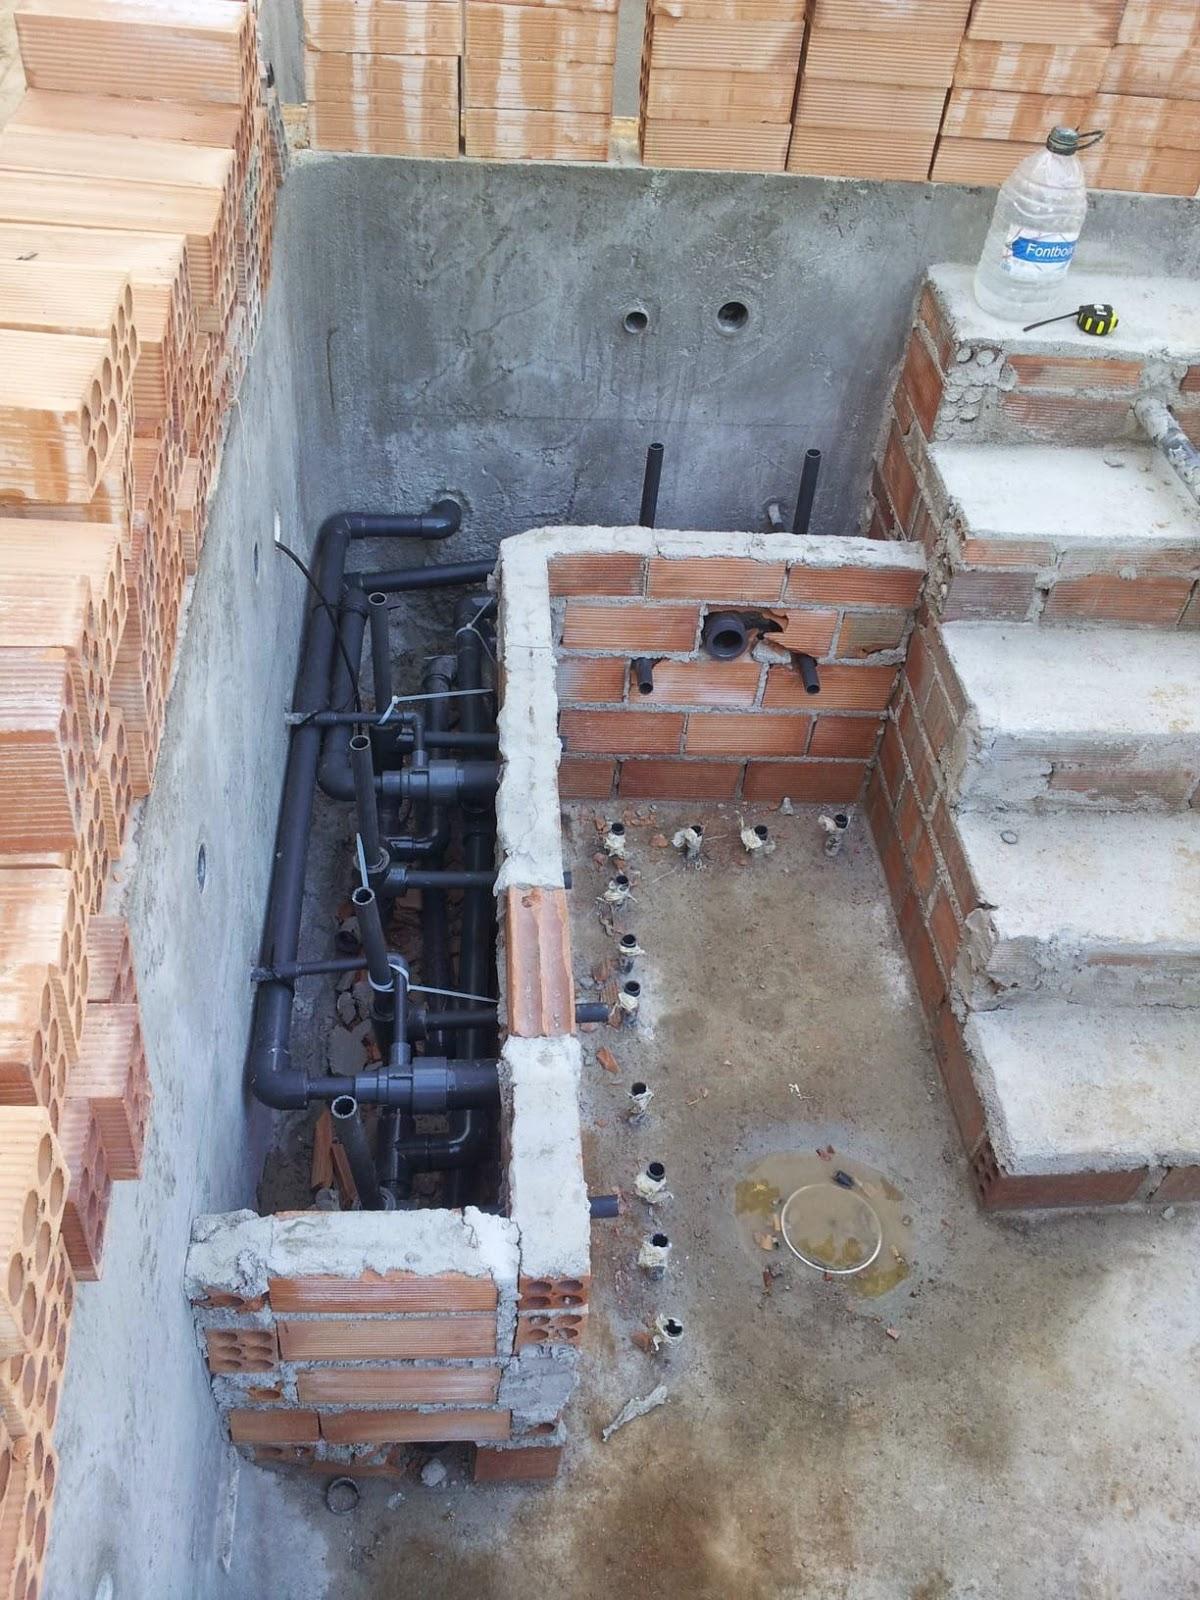 Construcci n reparacion y mantenimientos de piscinas for Medidas de jacuzzi para 4 personas